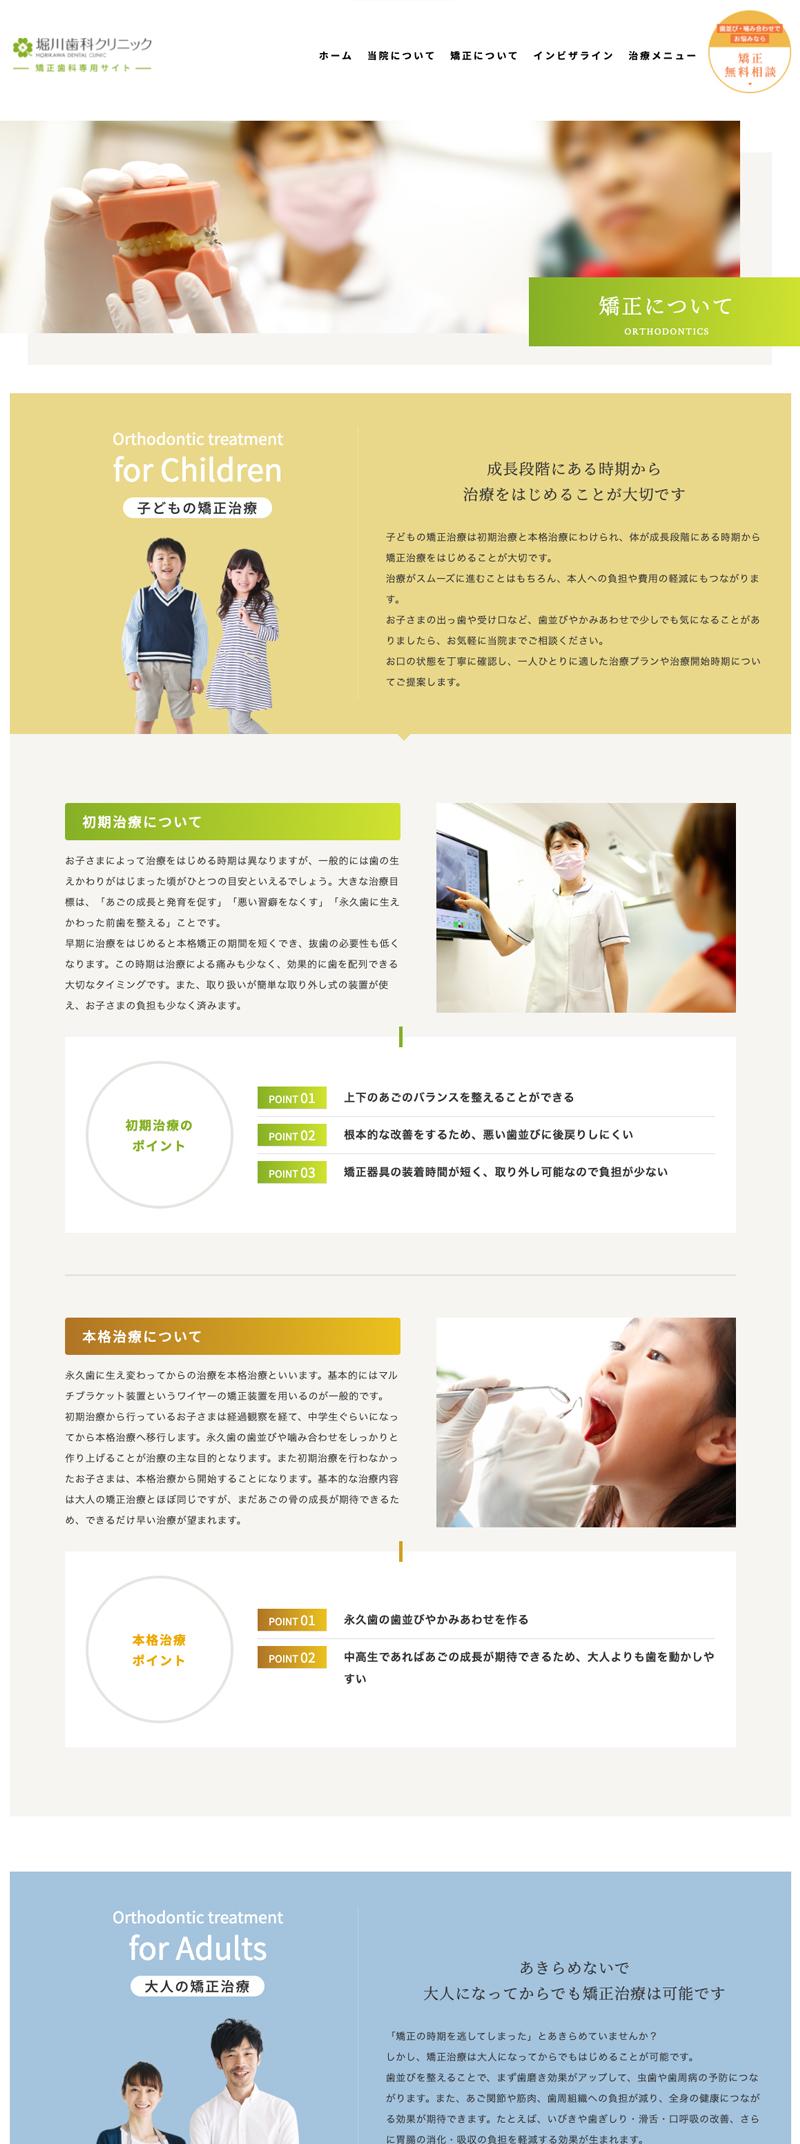 矯正歯科専門サイト 堀川歯科クリニック